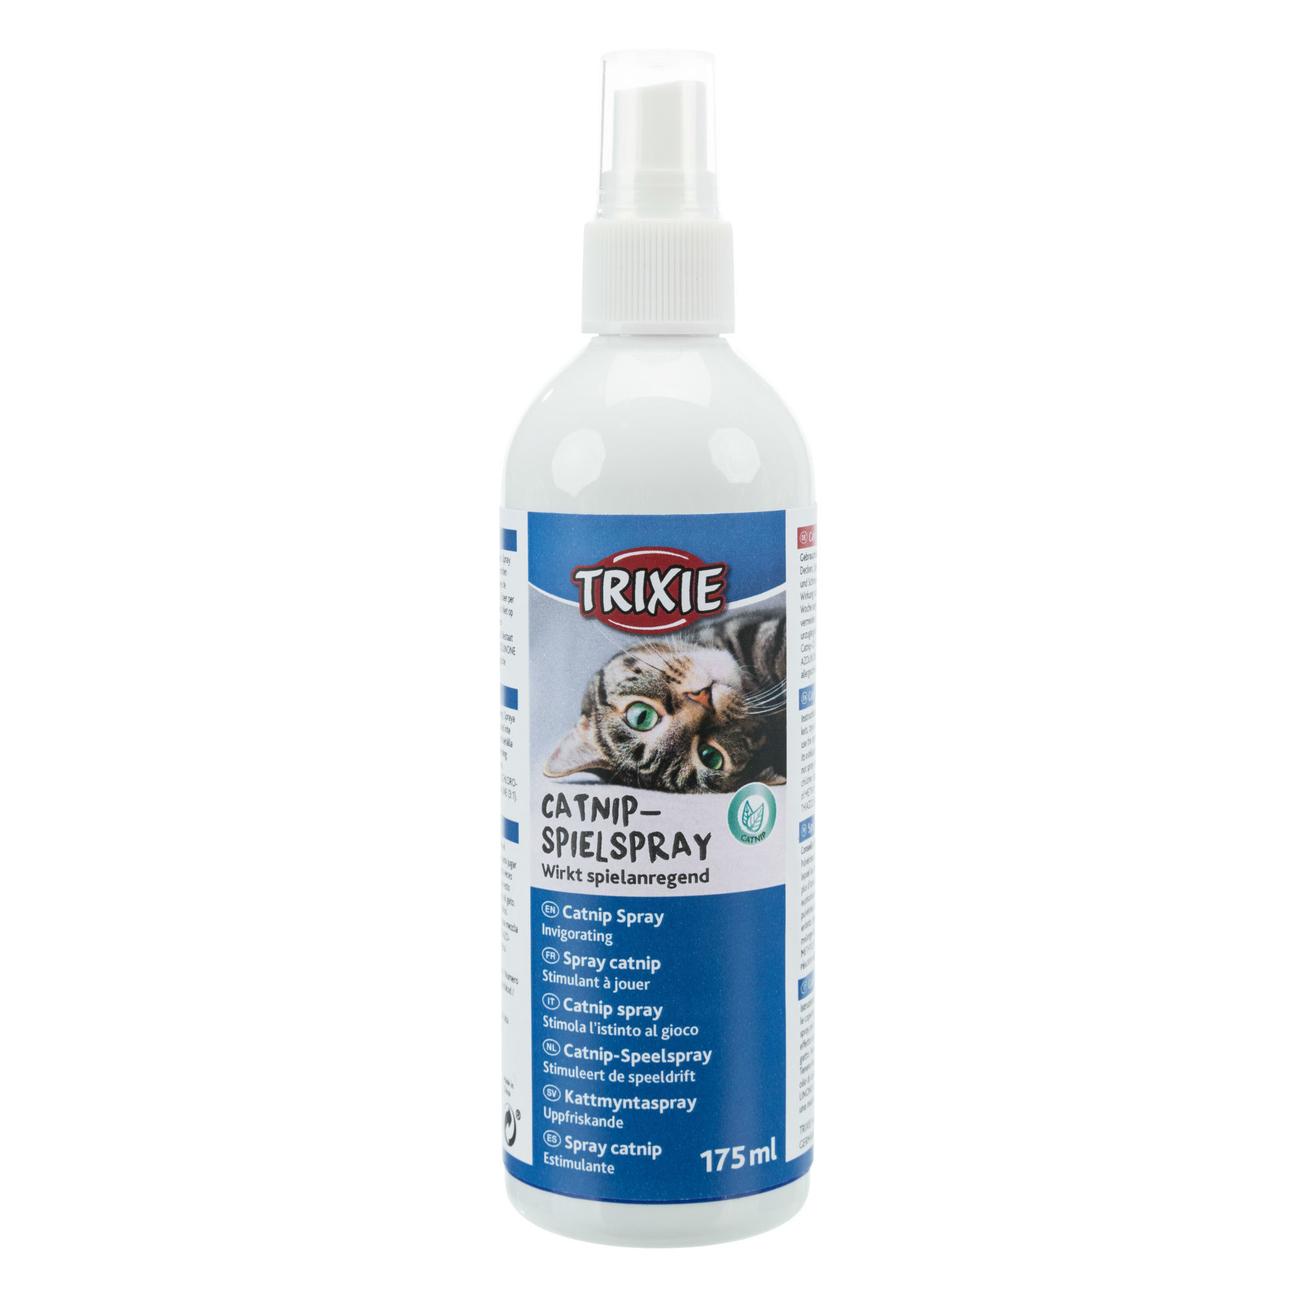 TRIXIE Catnip Spray für Katzen 4241, Bild 2